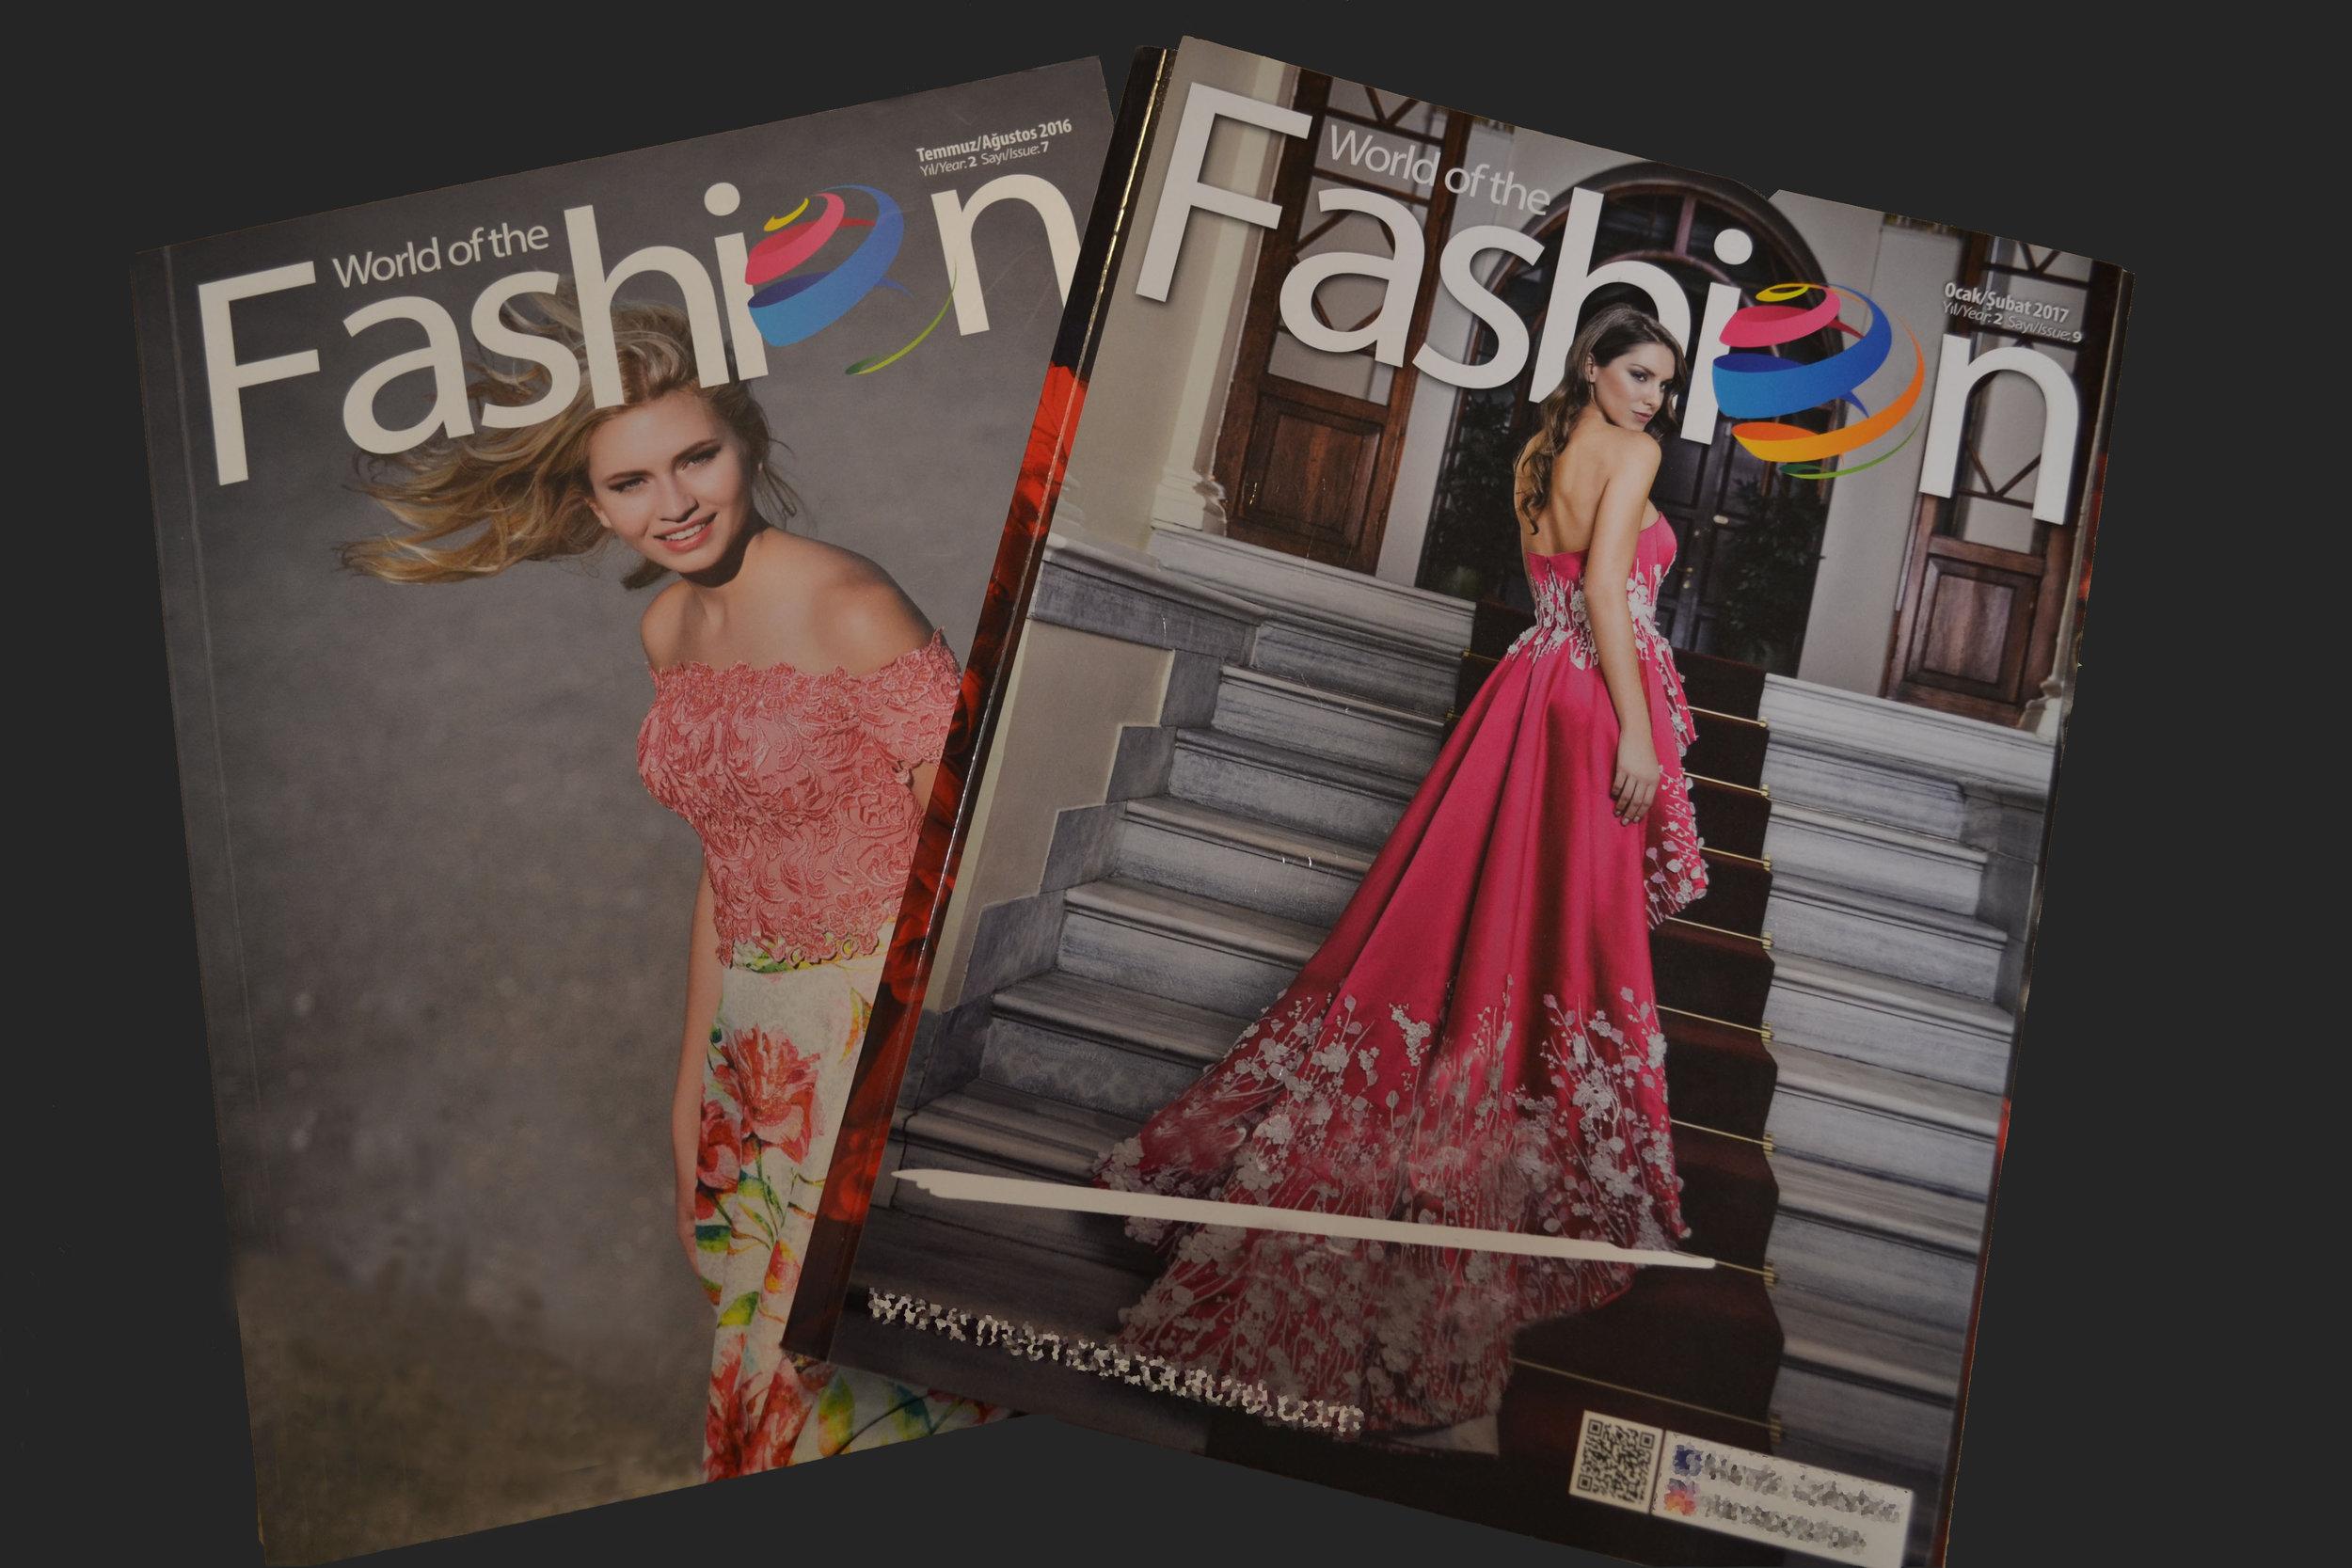 Fashion_17_kapak kopya.jpg